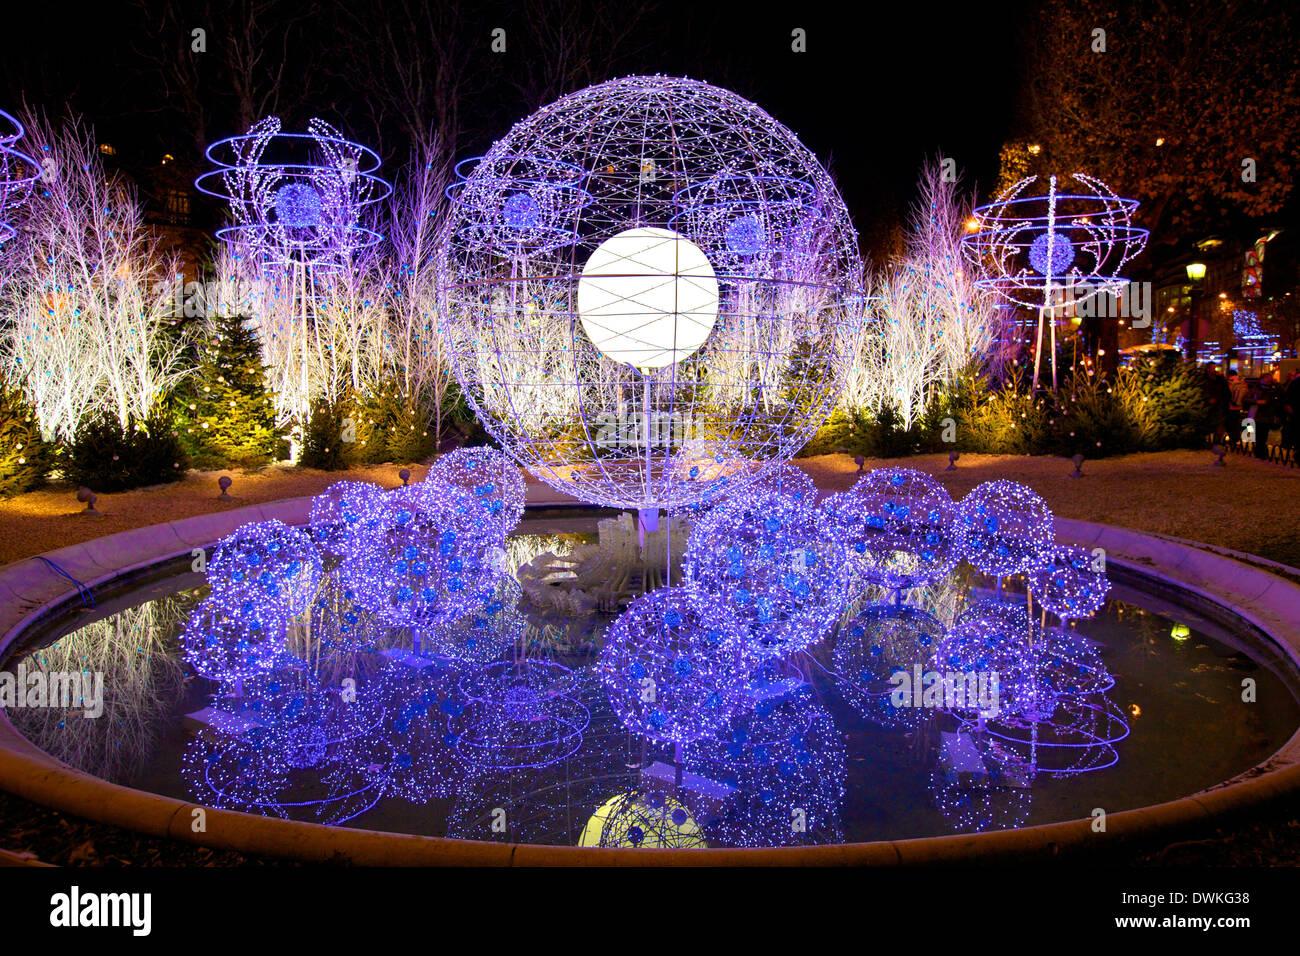 Christmas decorations avenue des champs elysees paris for Parisian christmas decorations home